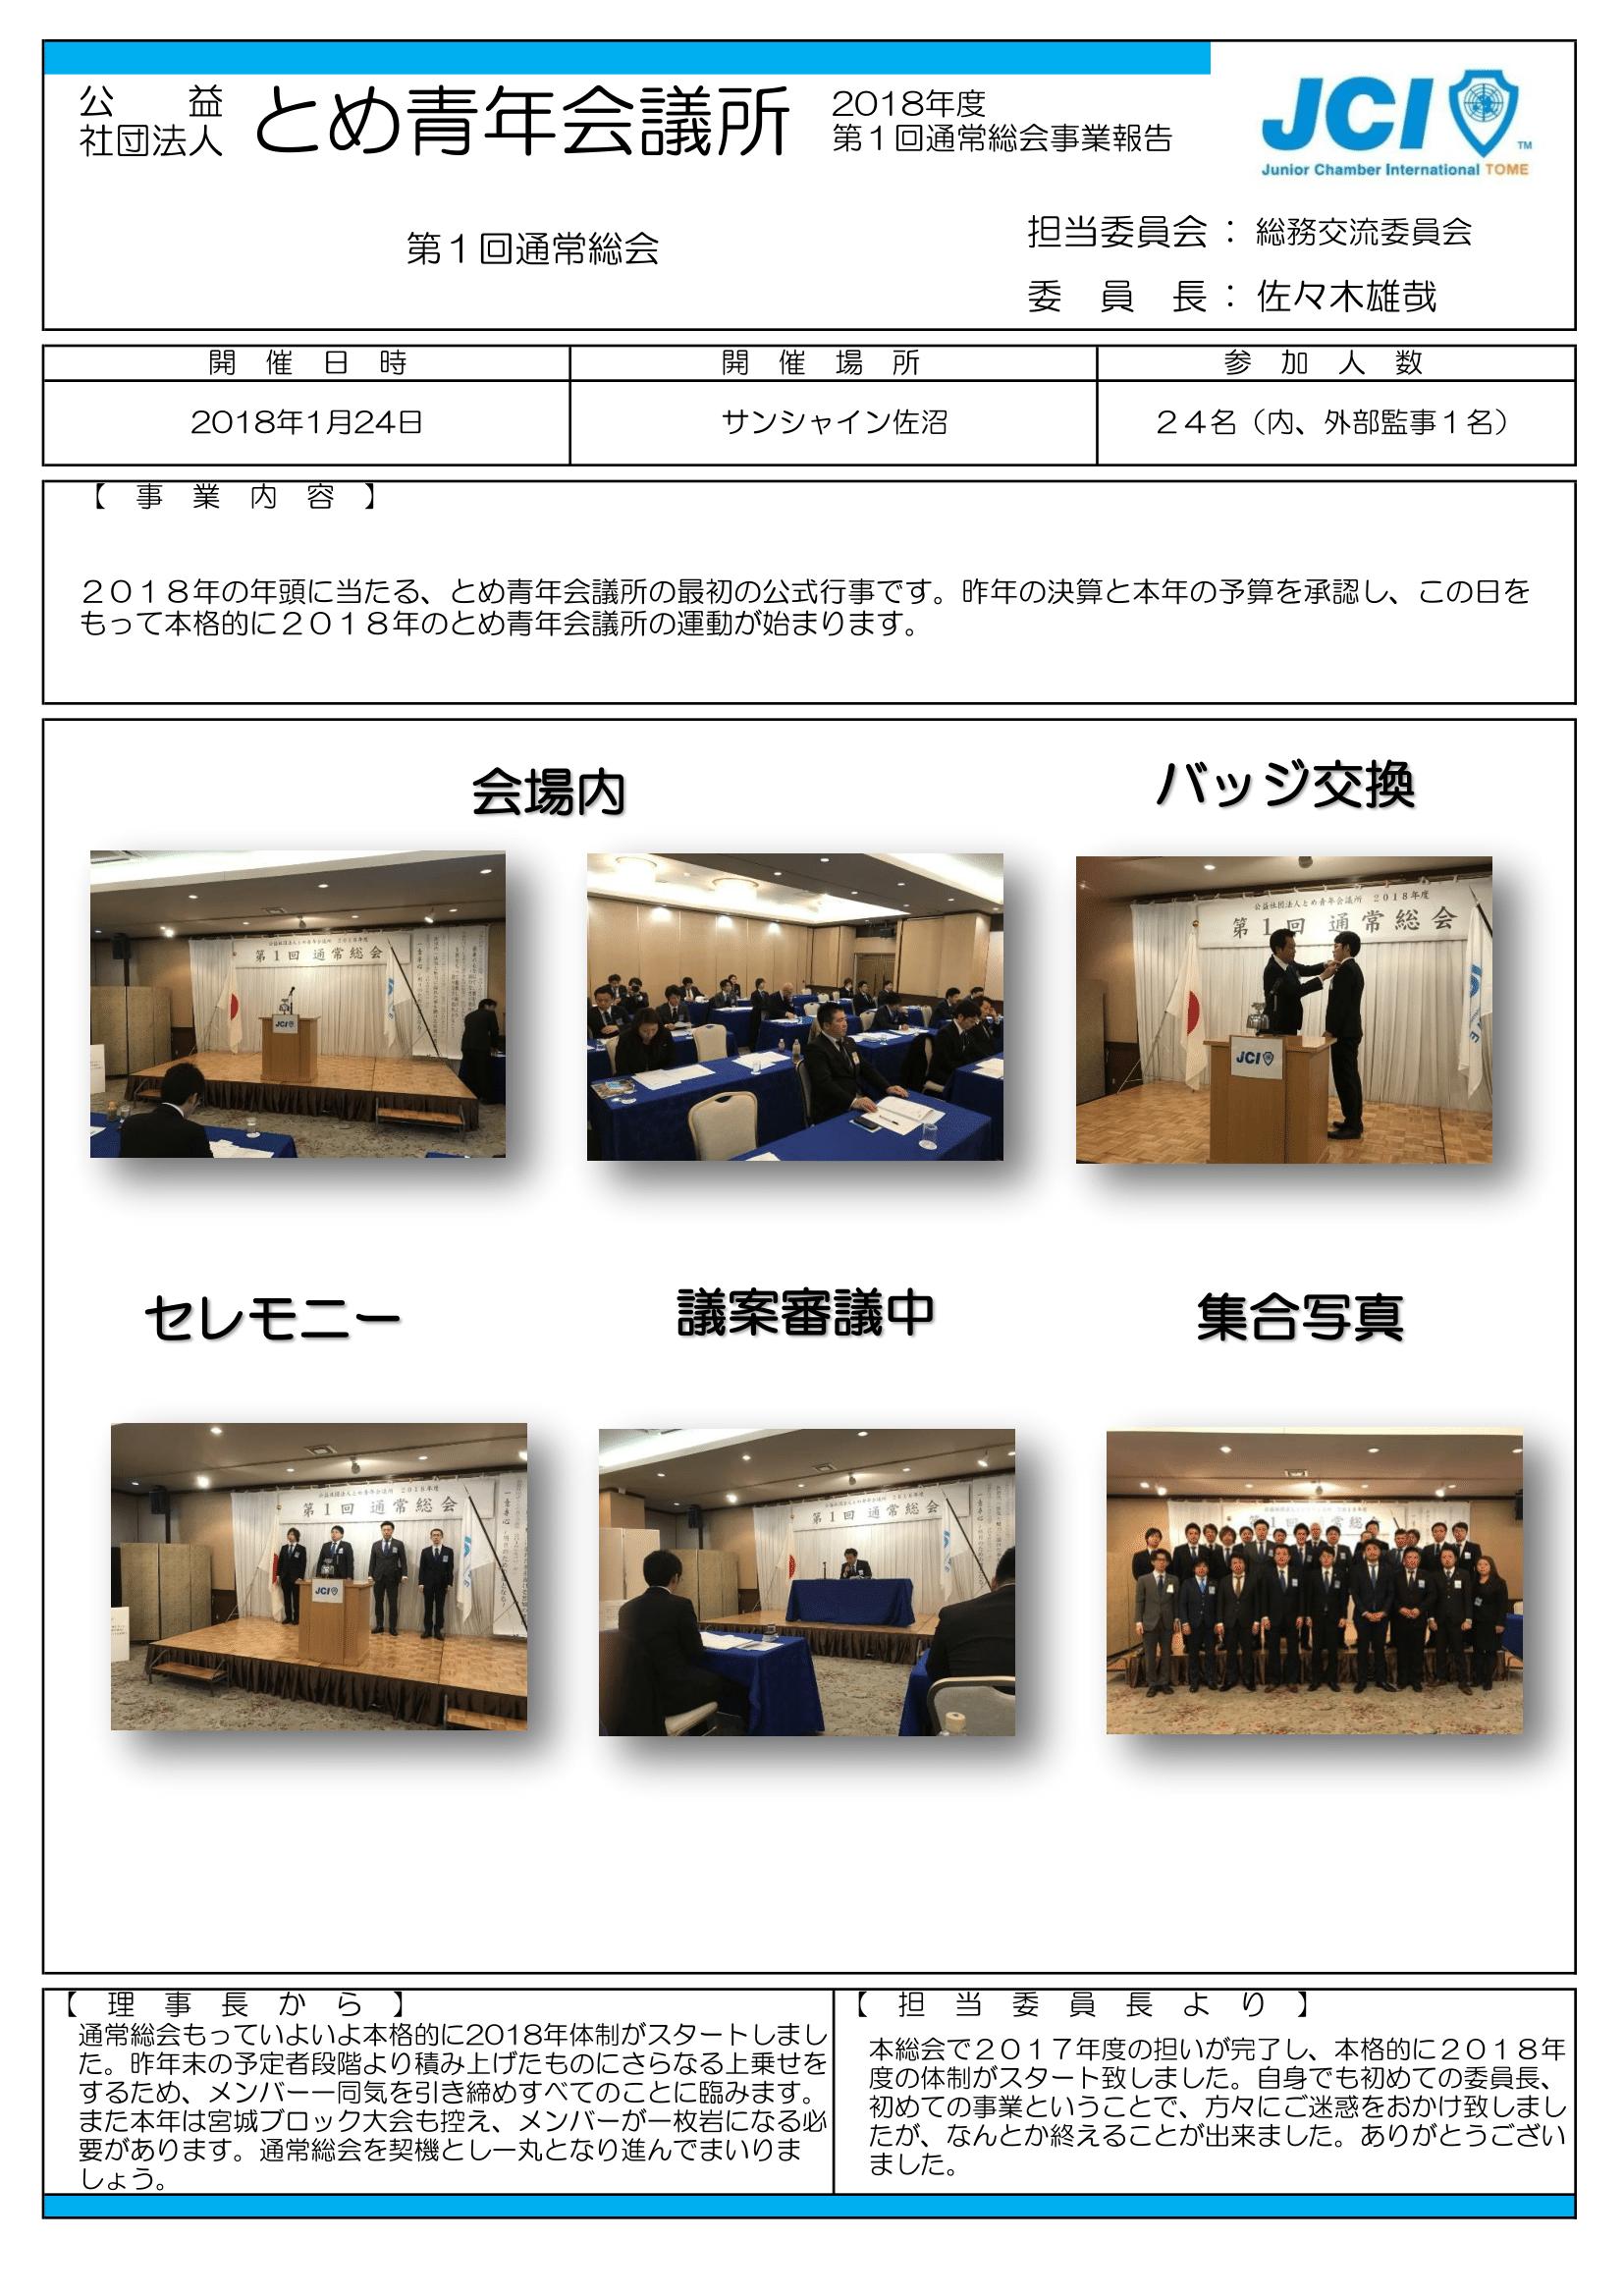 第1回通常総会事業報告アーカイブ-1